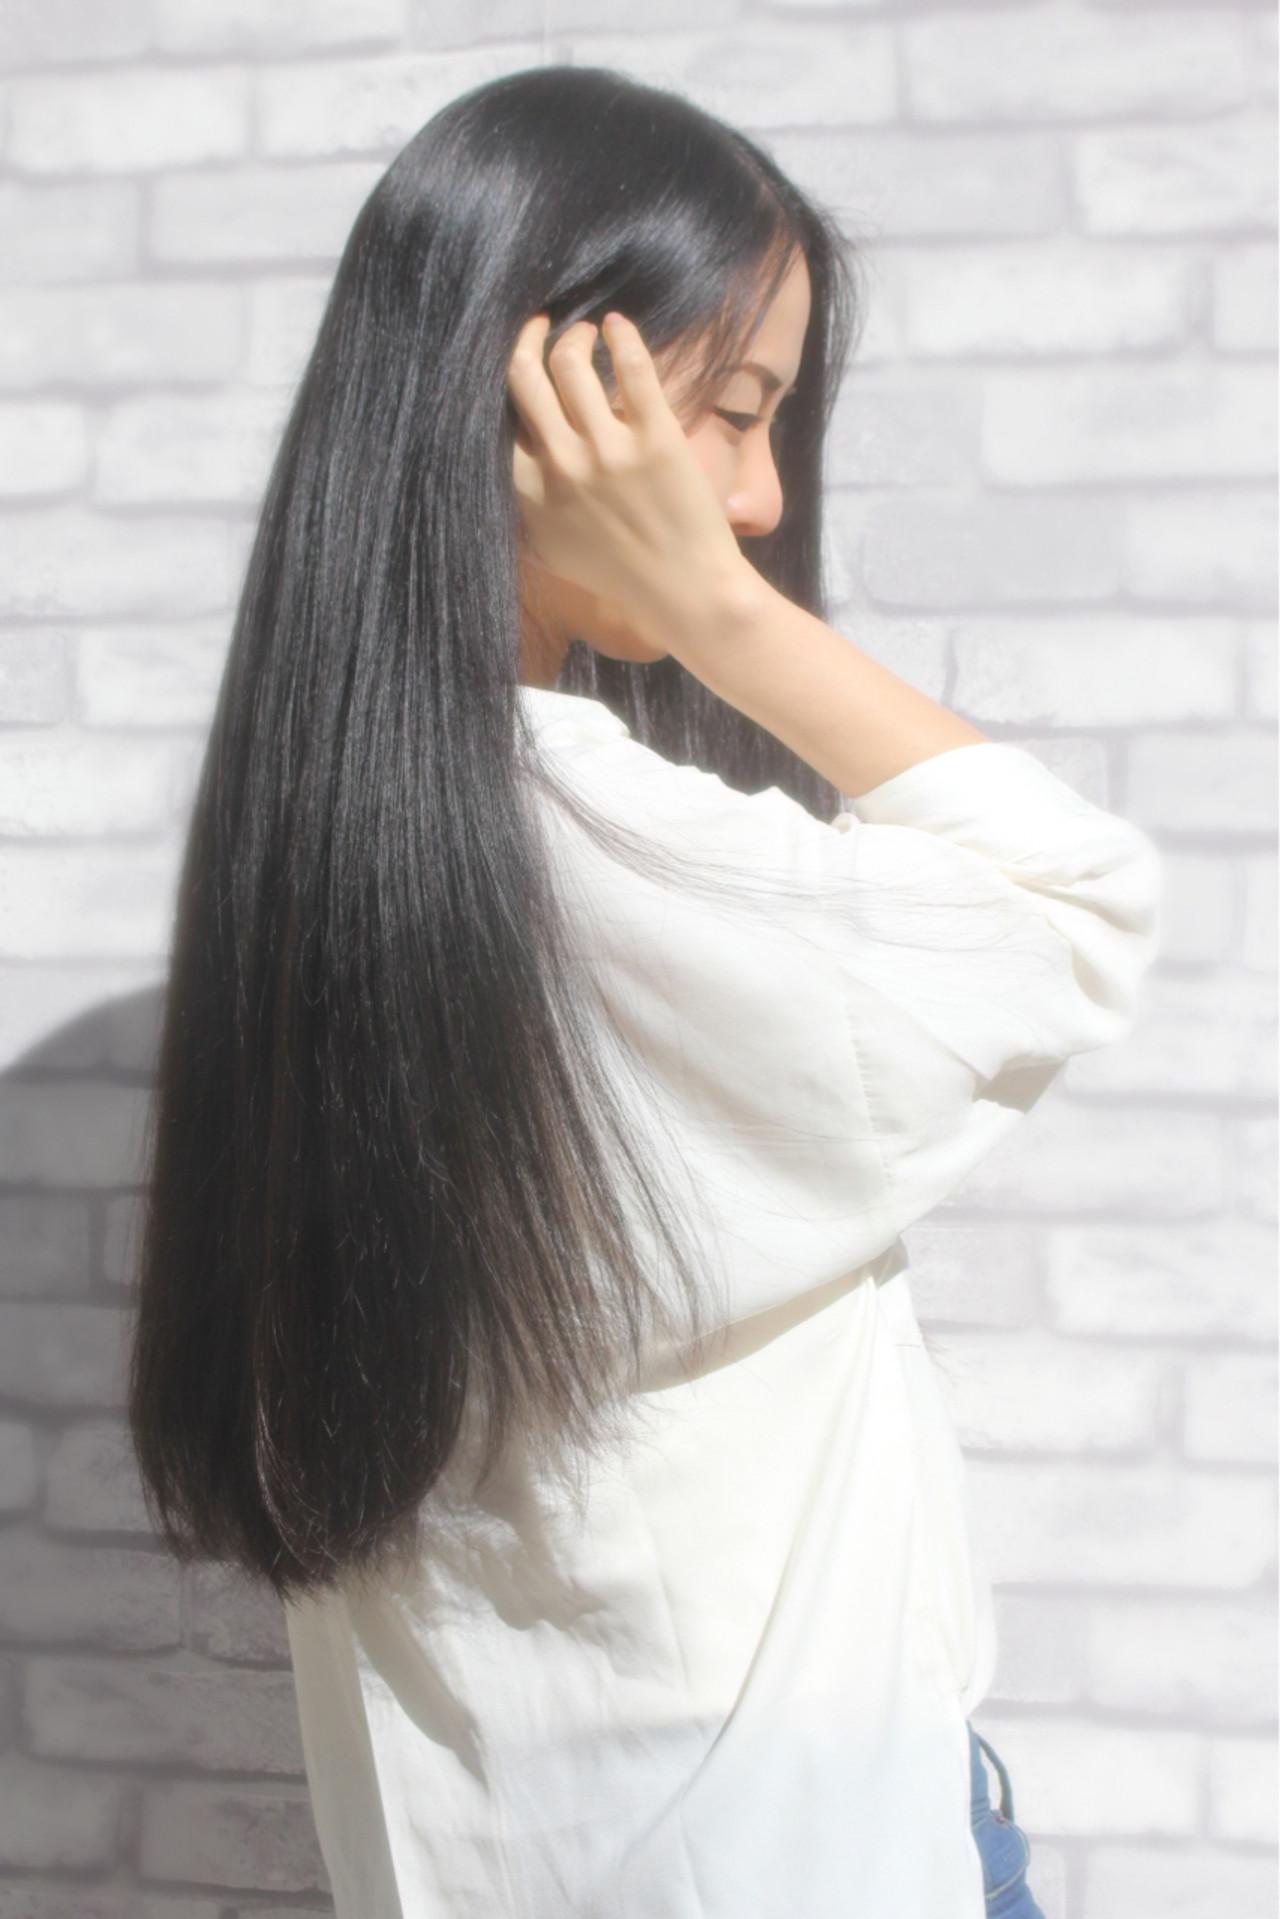 コンサバ ロング アッシュ ストレート ヘアスタイルや髪型の写真・画像 | 山下 拓也 / パースィート 目黒